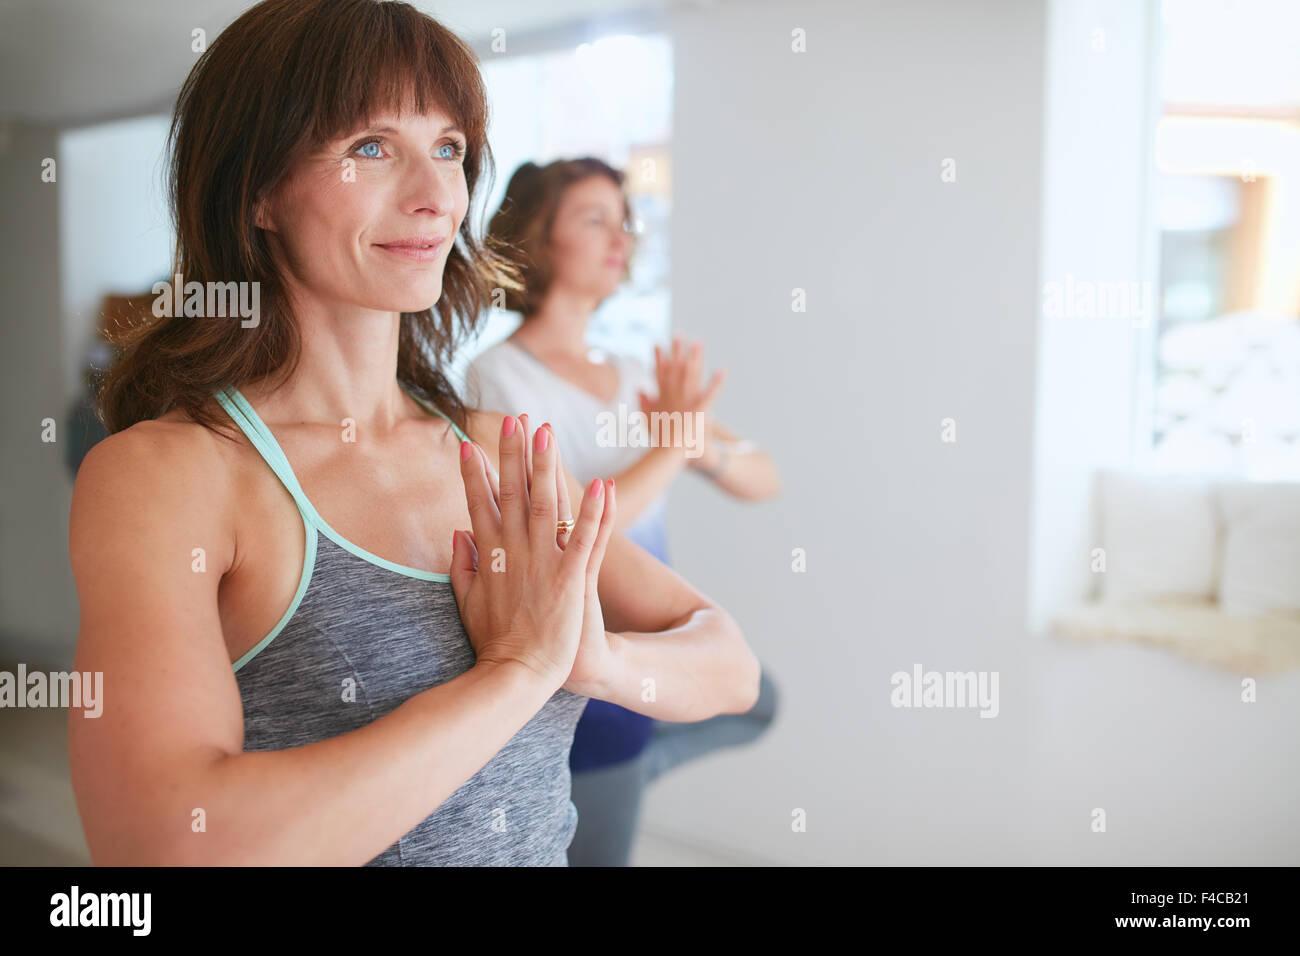 Retrato de mujer fitness en hacer yoga. Hembra con estudiante practicar Vrikshasana formador. La postura del árbol Imagen De Stock